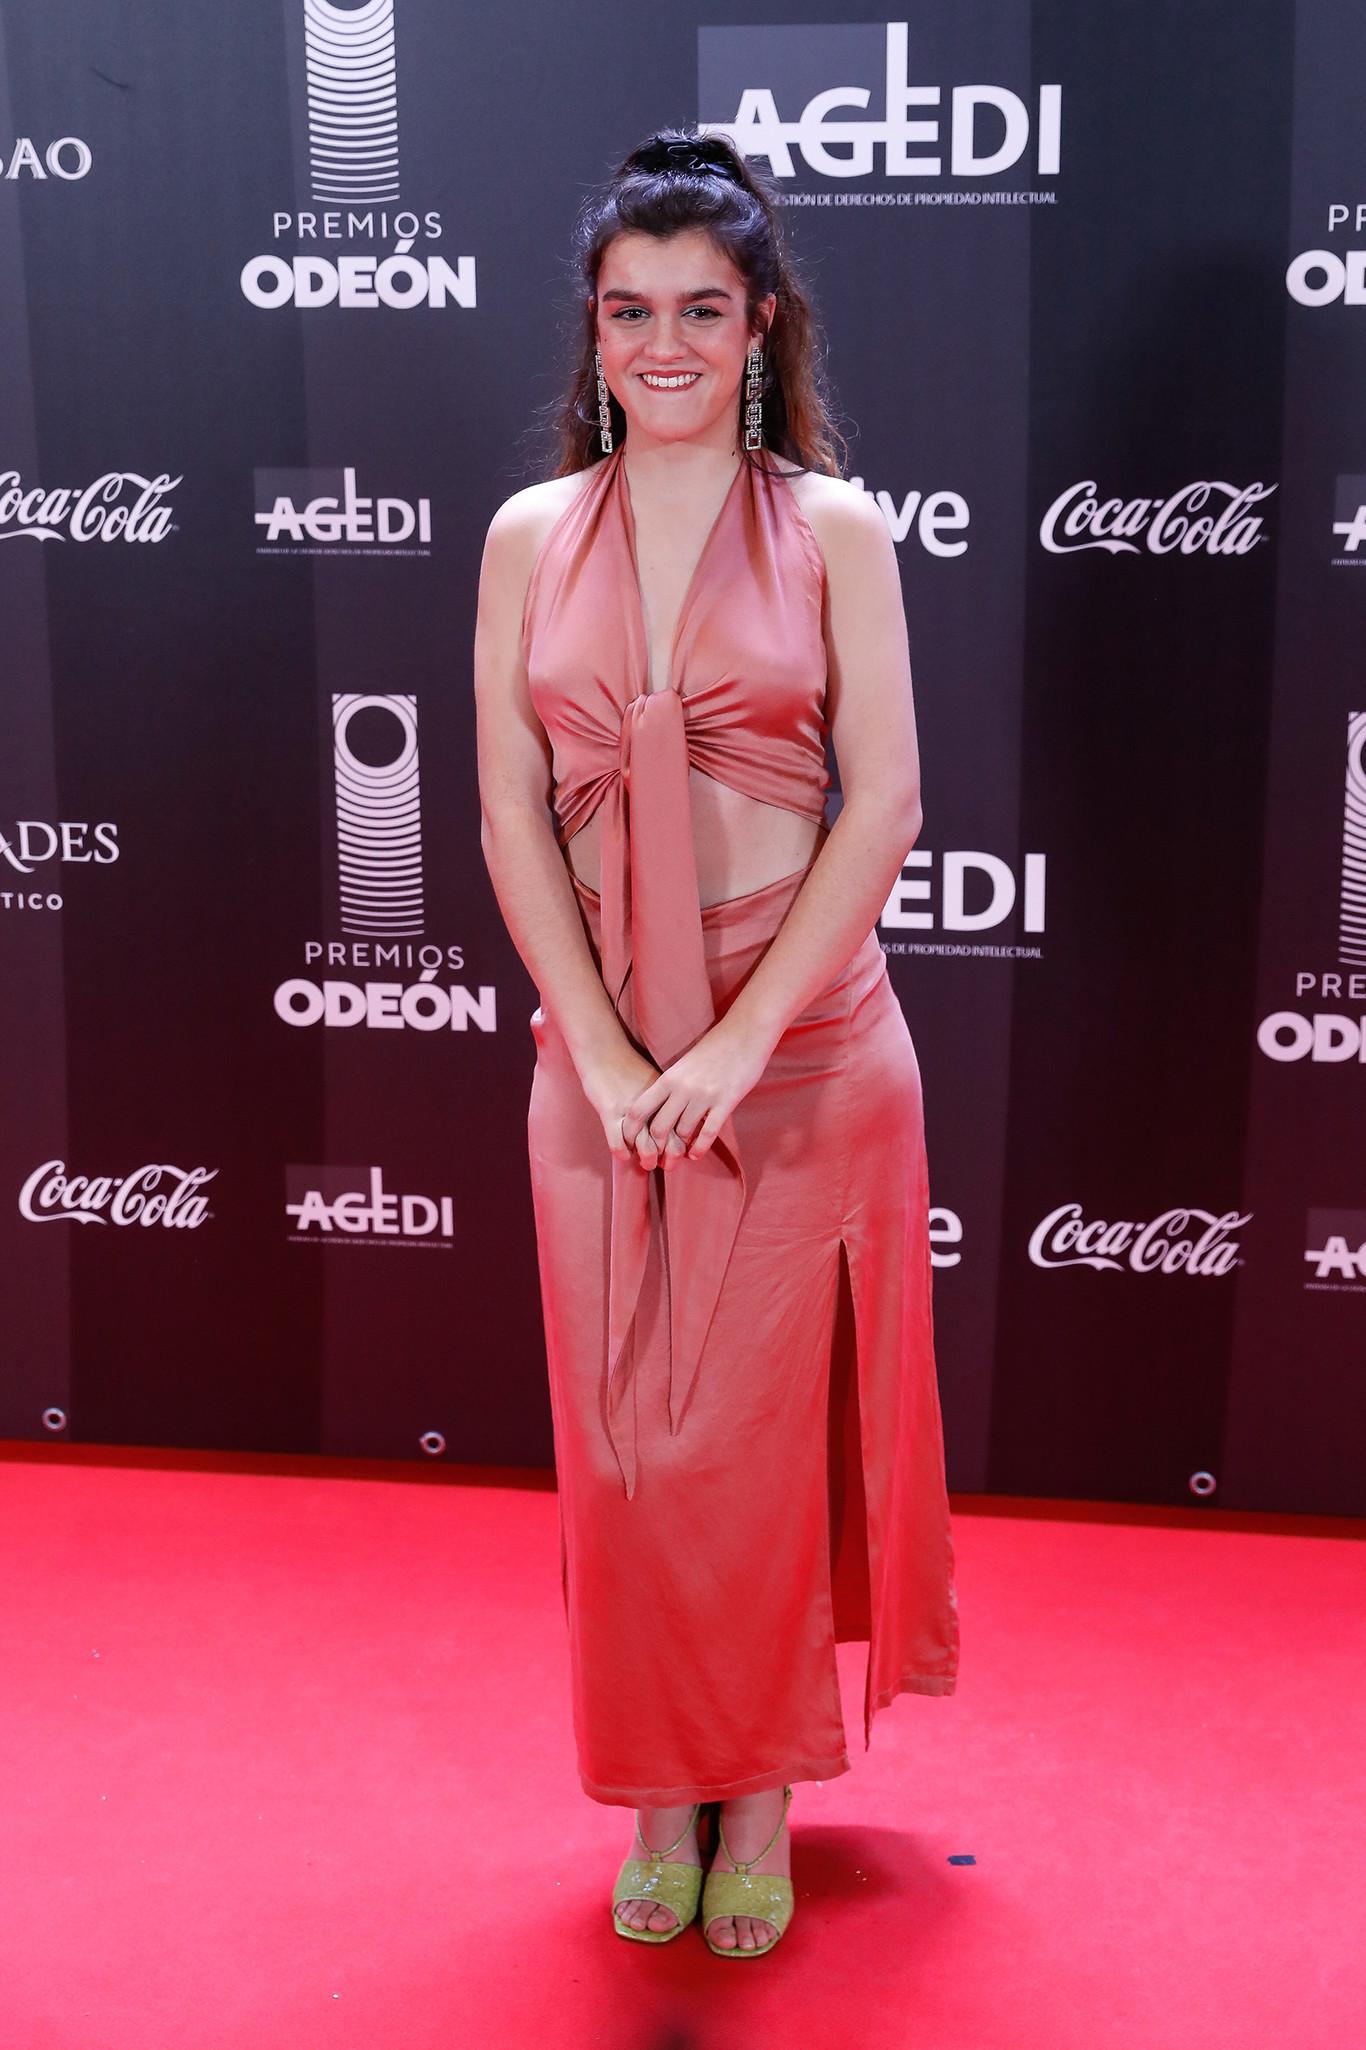 Las más guapas de los Premios Odeón 2020